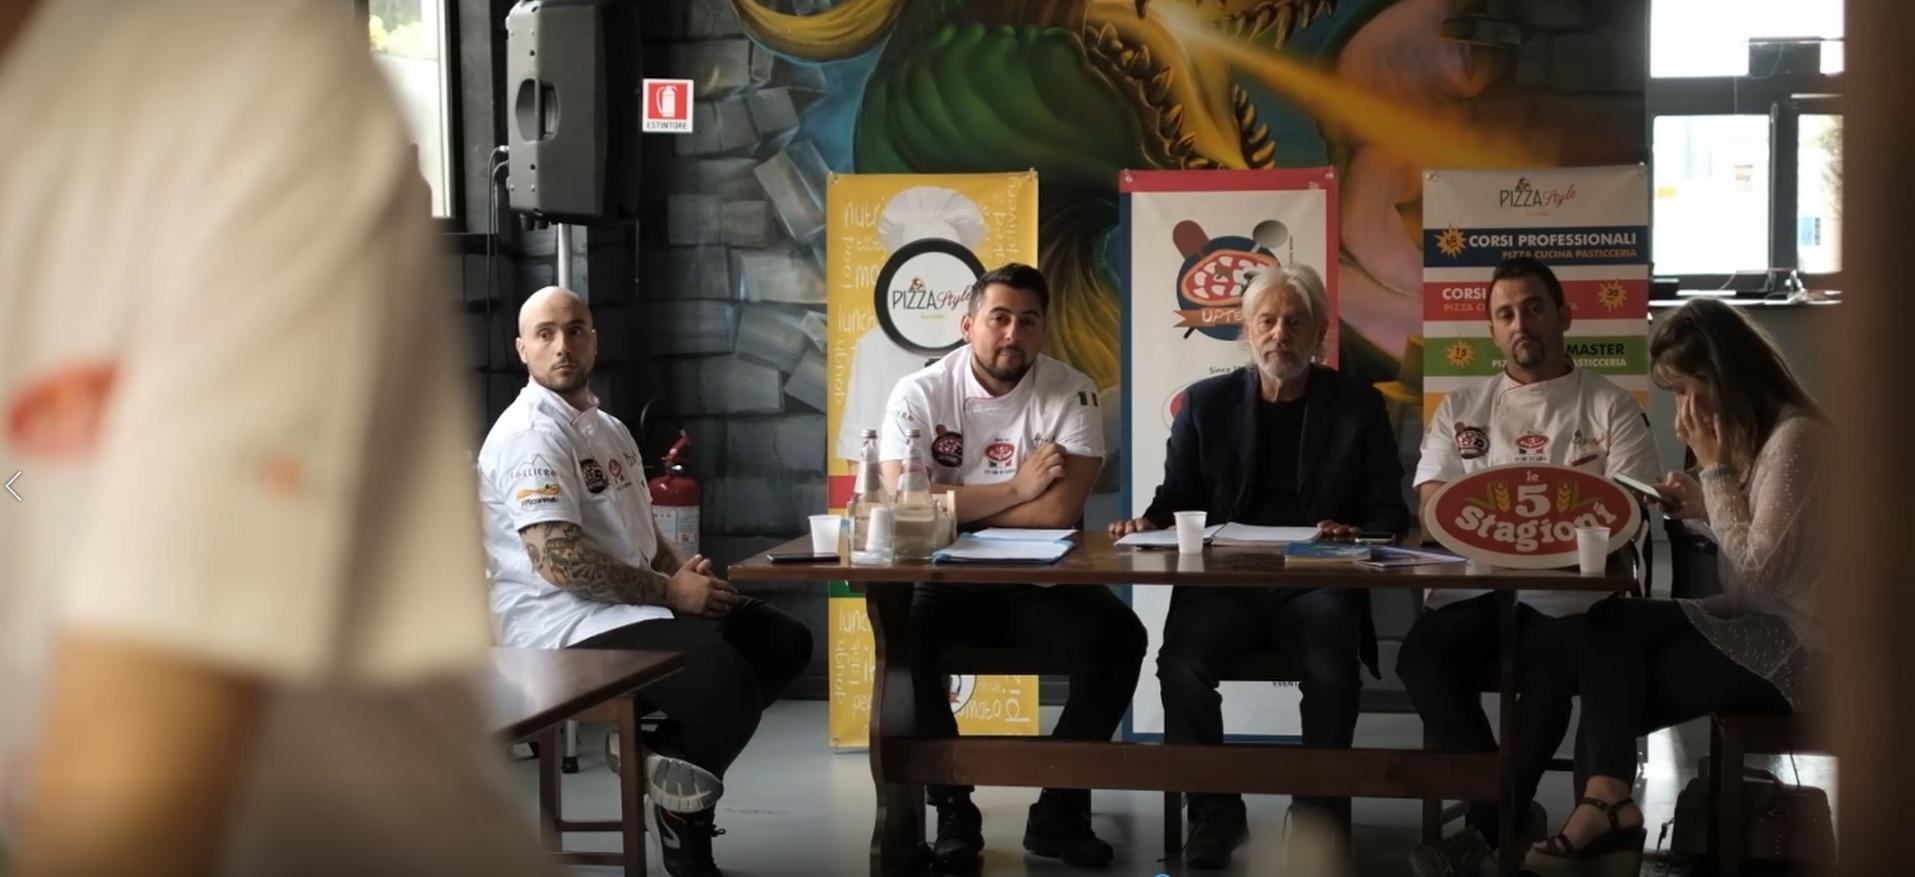 Corso da pizzaiolo con istruttore Walter Di Nonno – Ne parlano Mario e Alfredo Folliero